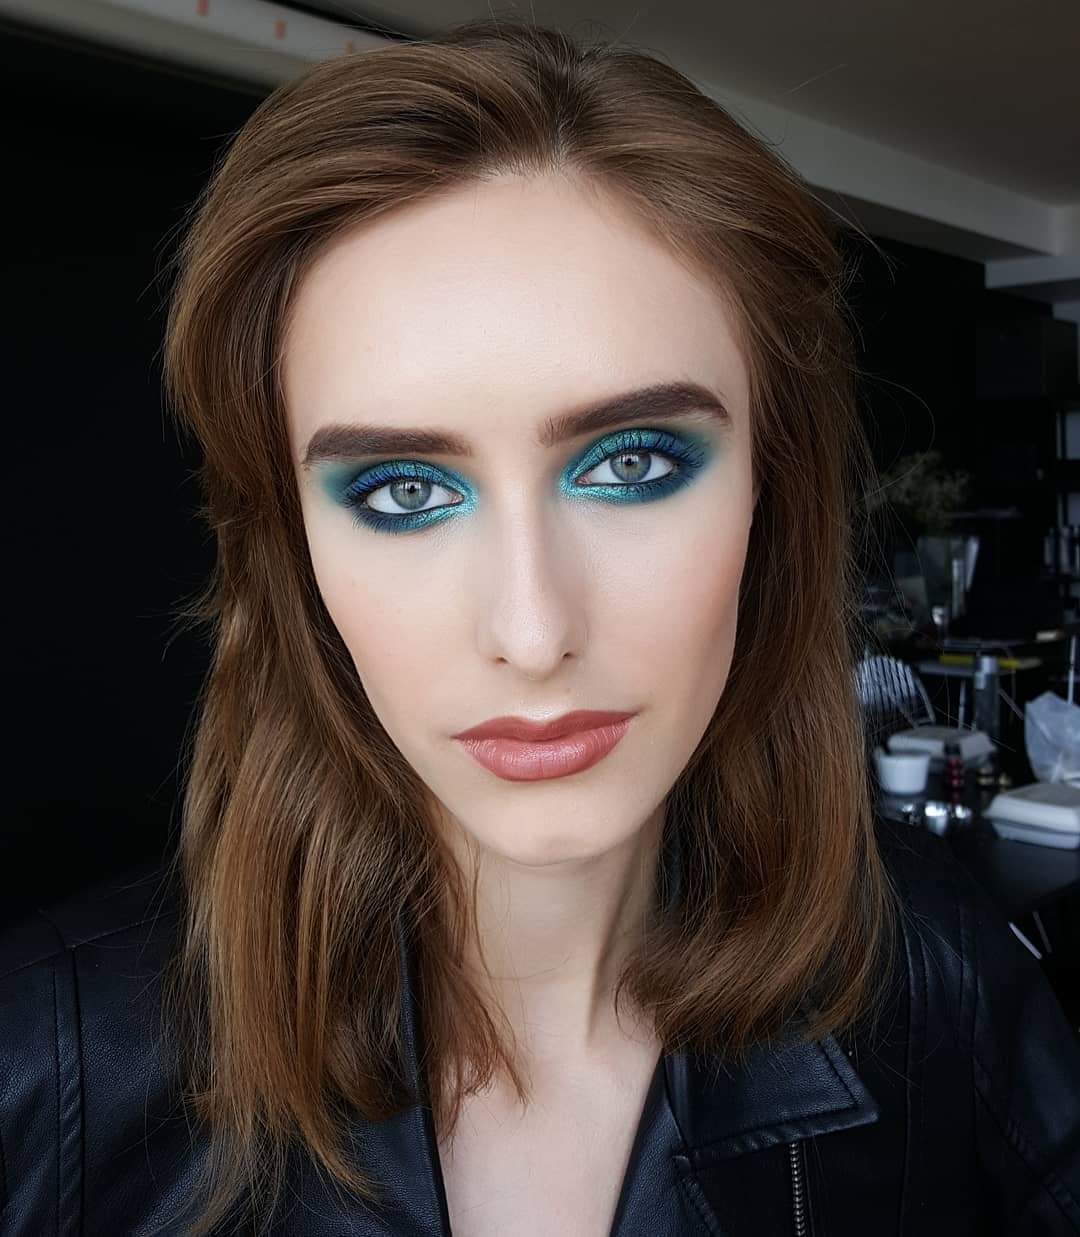 Karolina Slavikova Makeup sfx